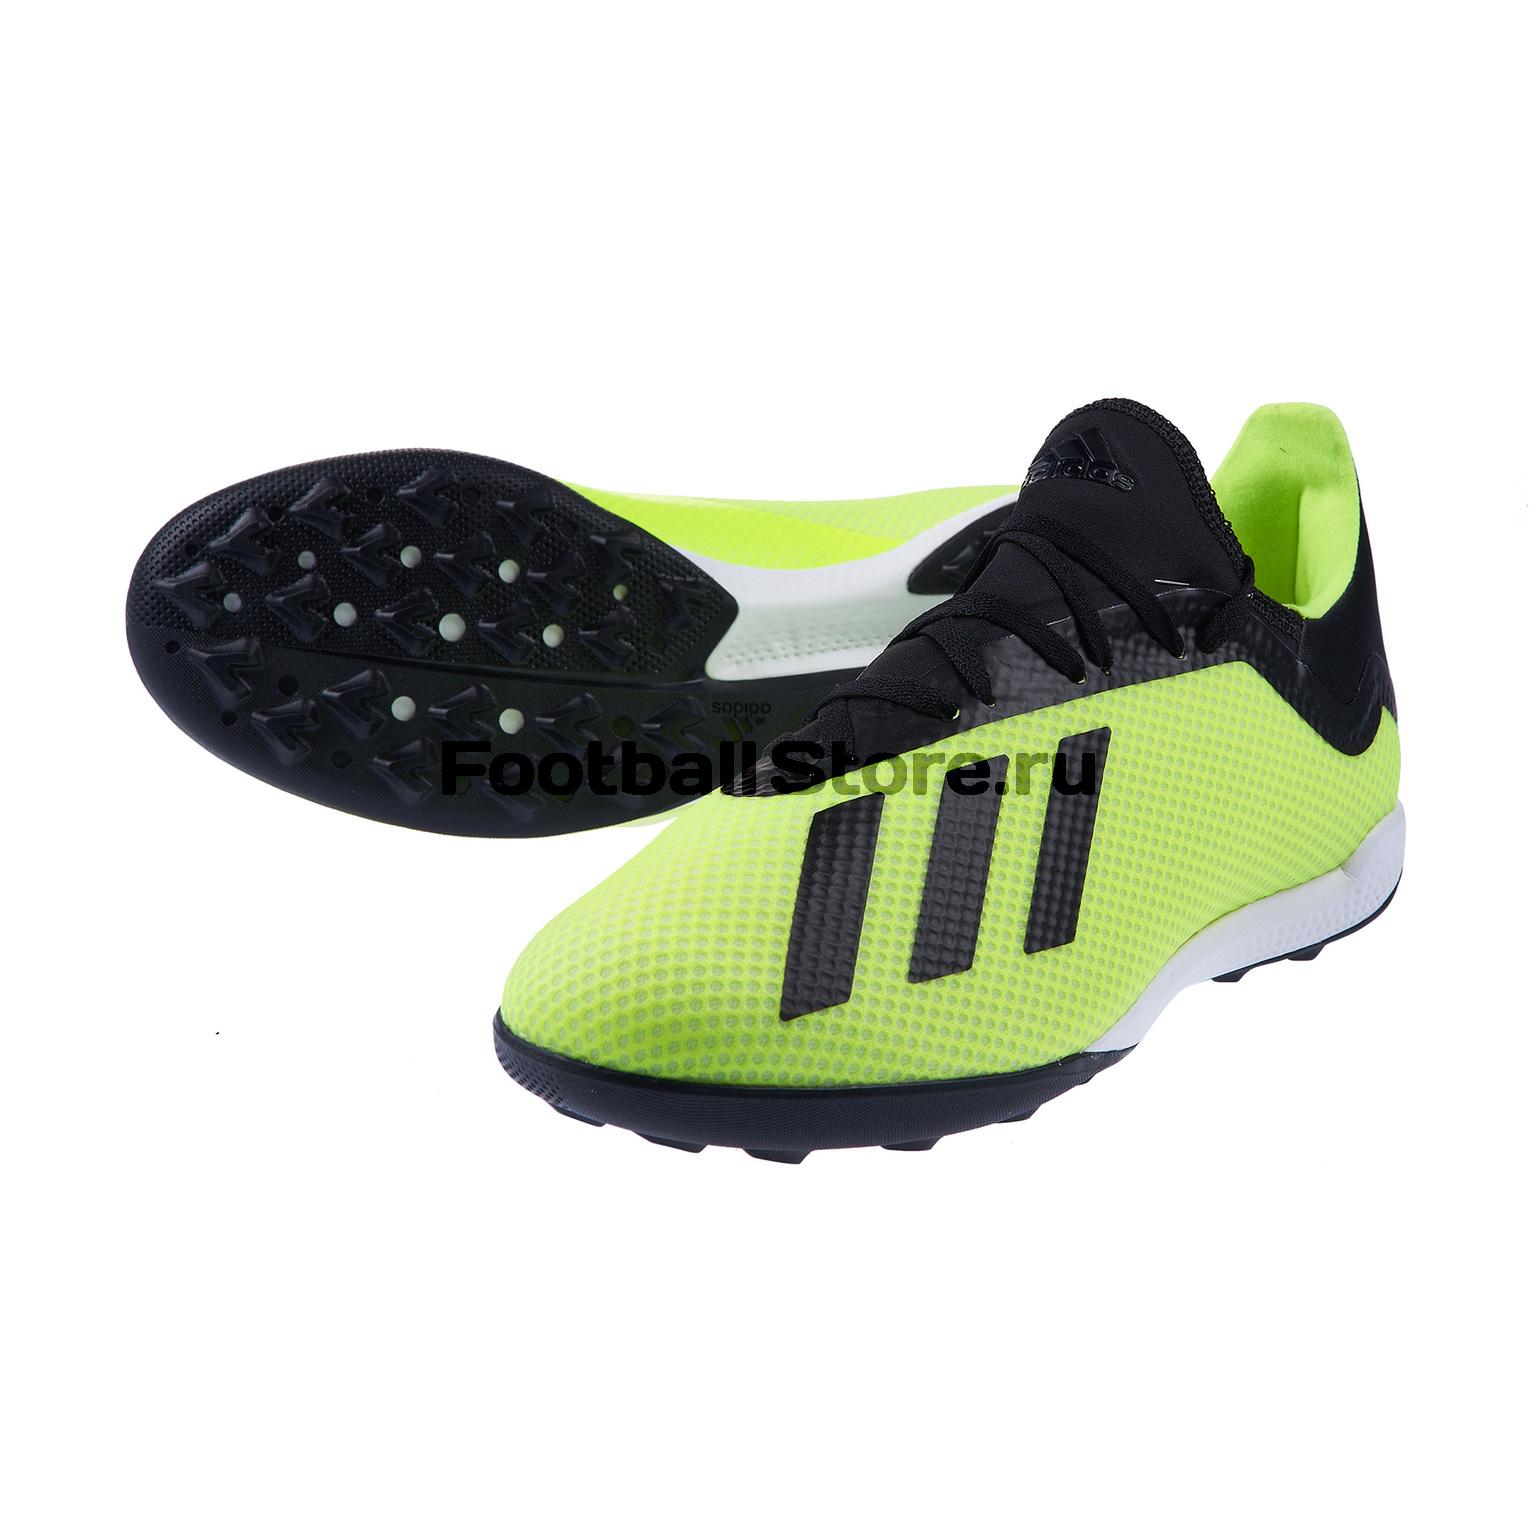 Шиповки Adidas X Tango 18.3 TF DB2475 цена